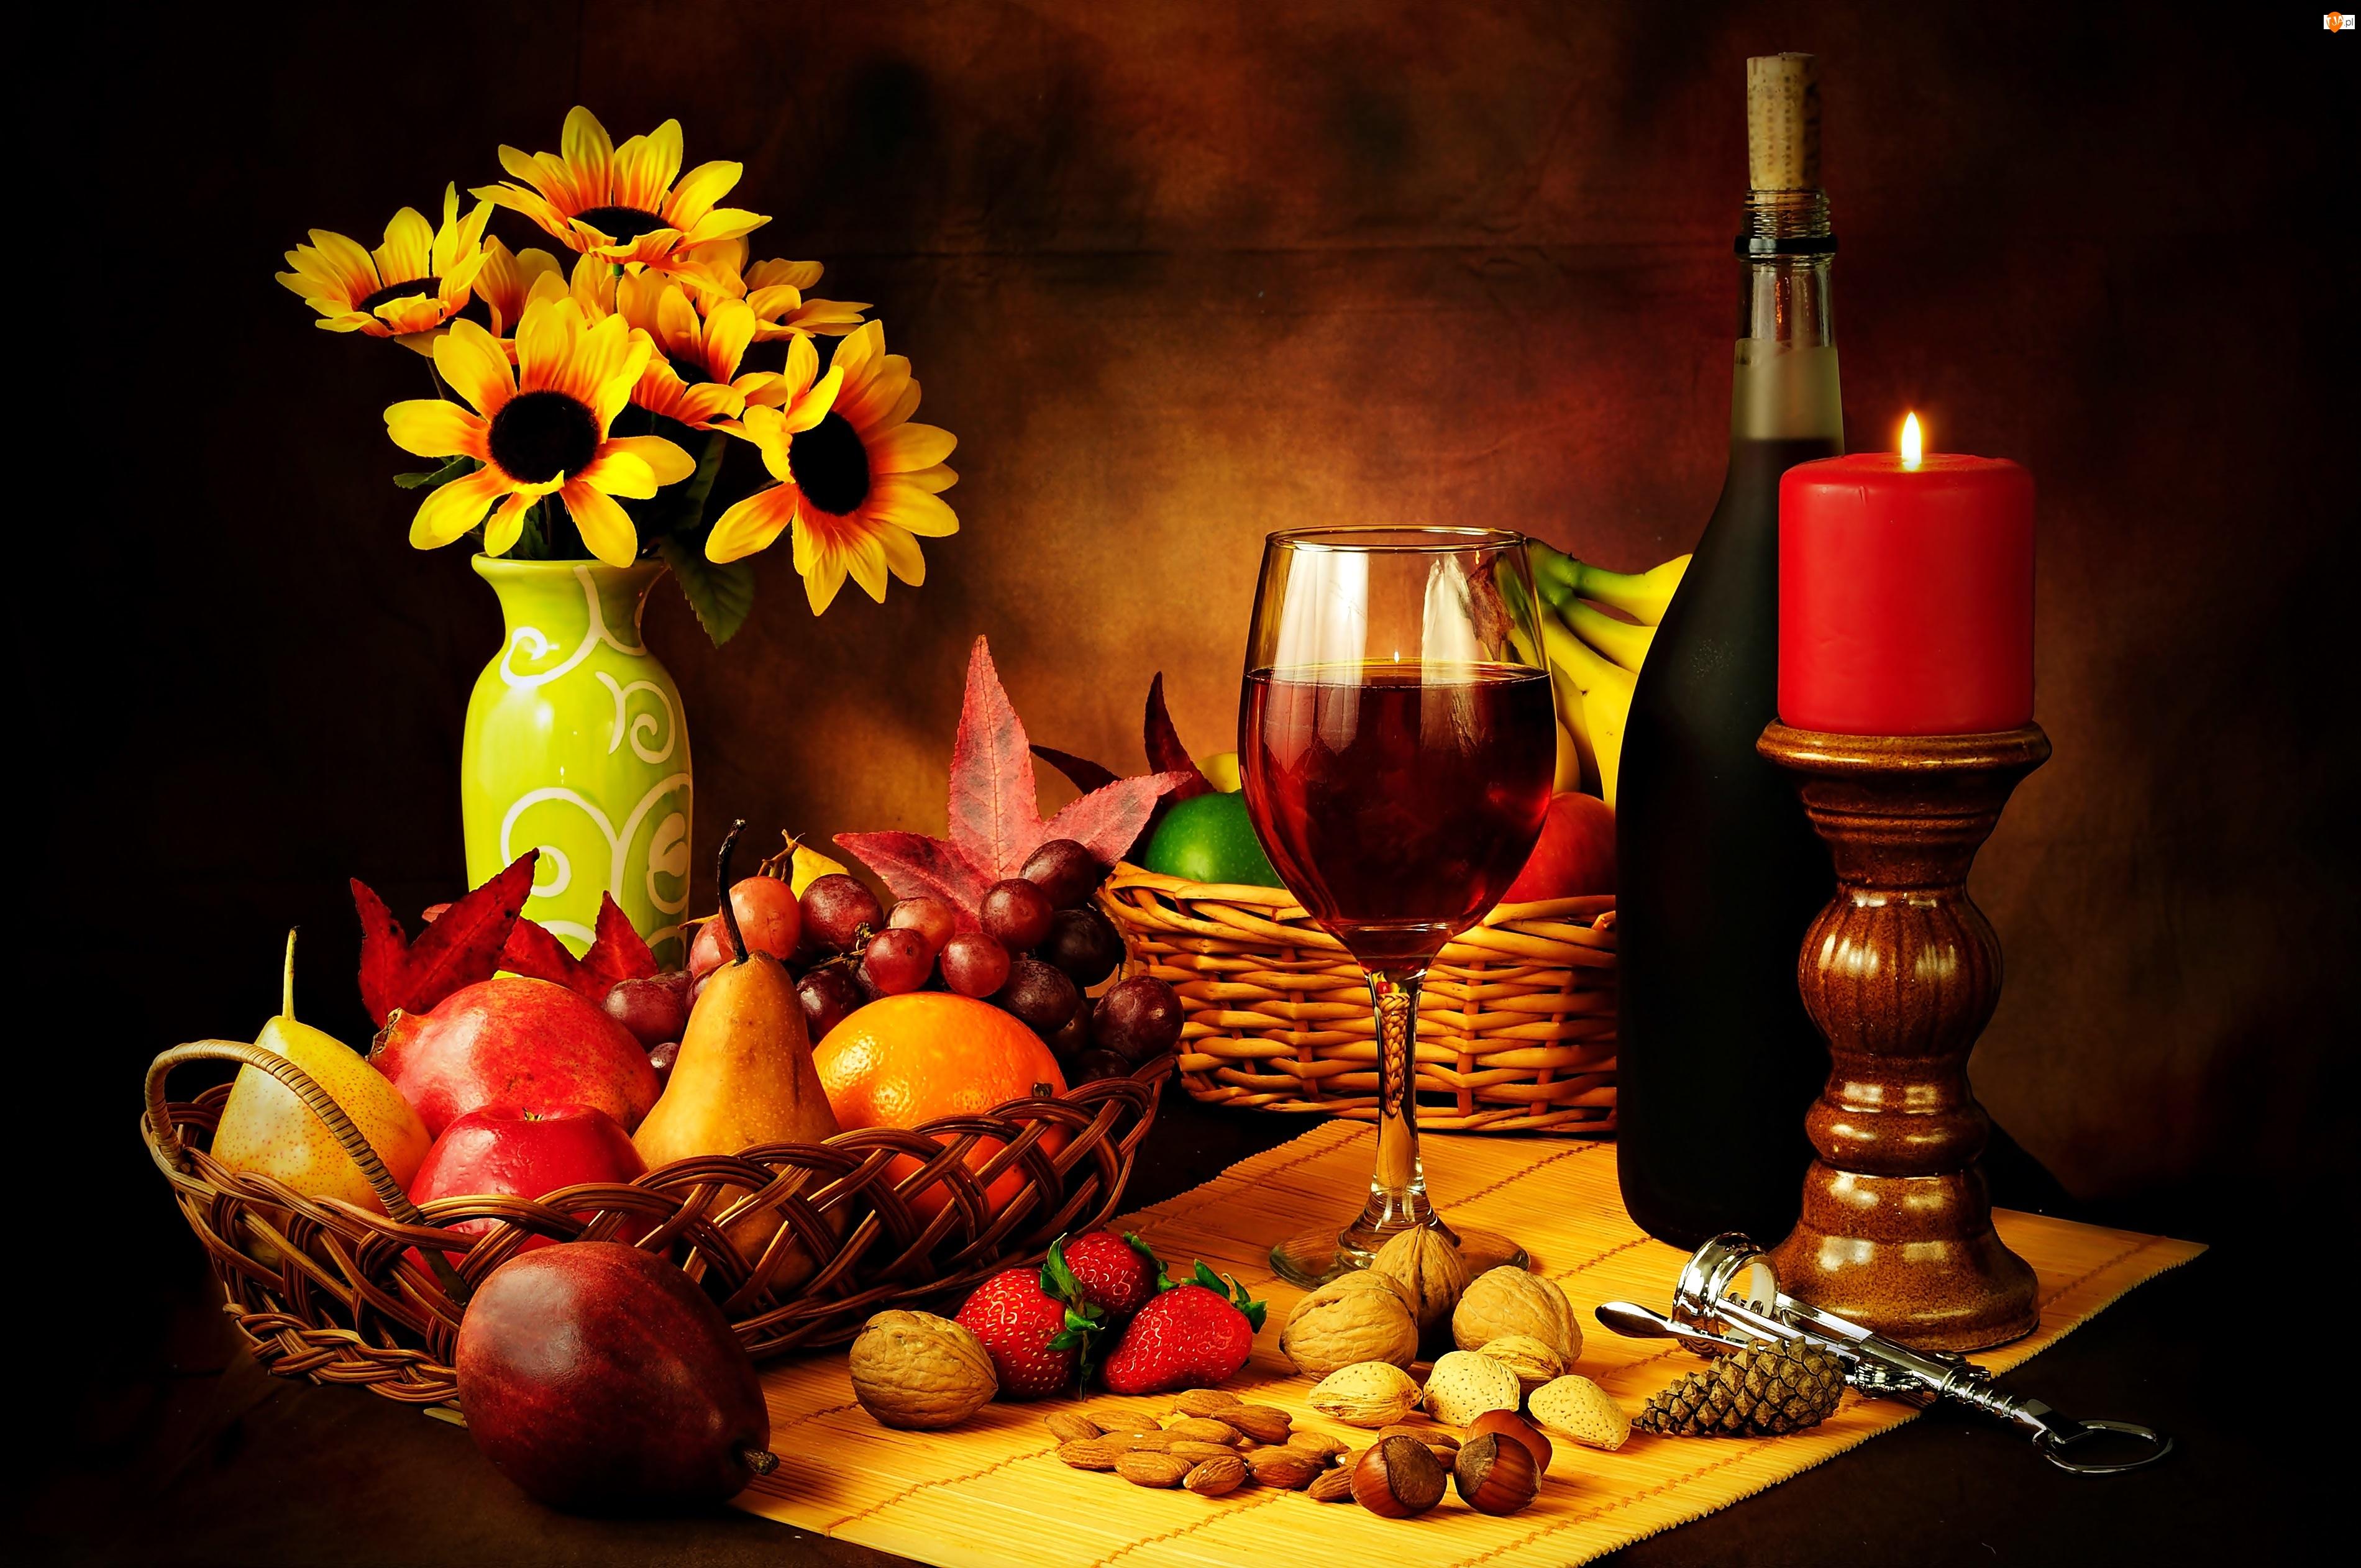 Żółte, Kompozycja, Owoce, Wino, Kwiaty, Świeca